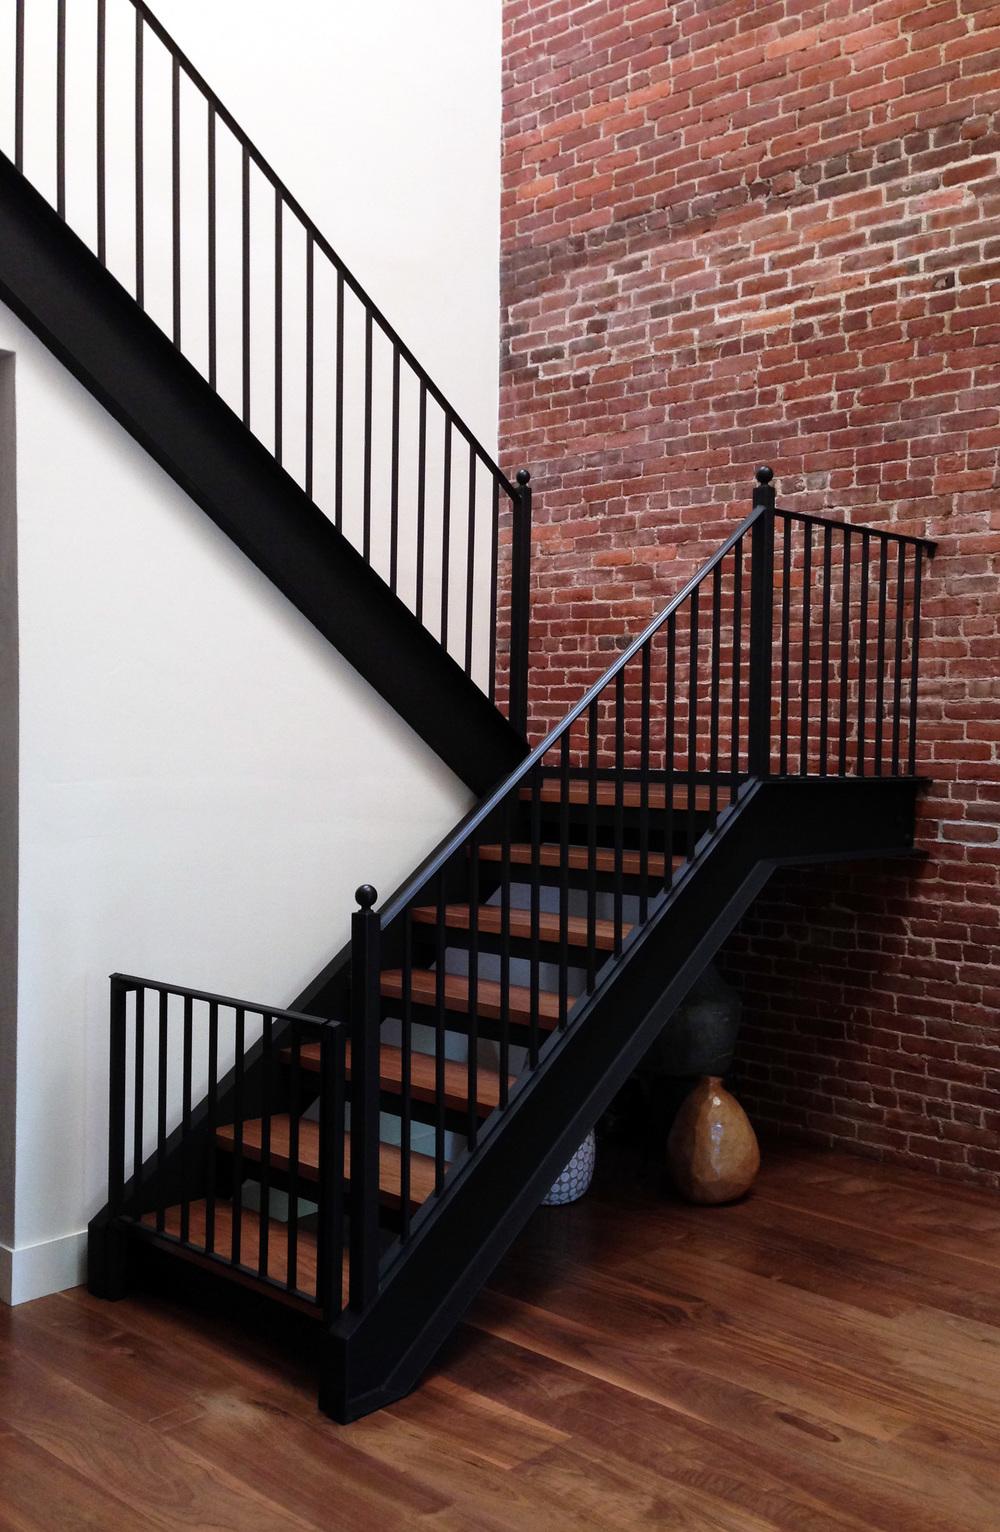 261_Stairs 2.jpg